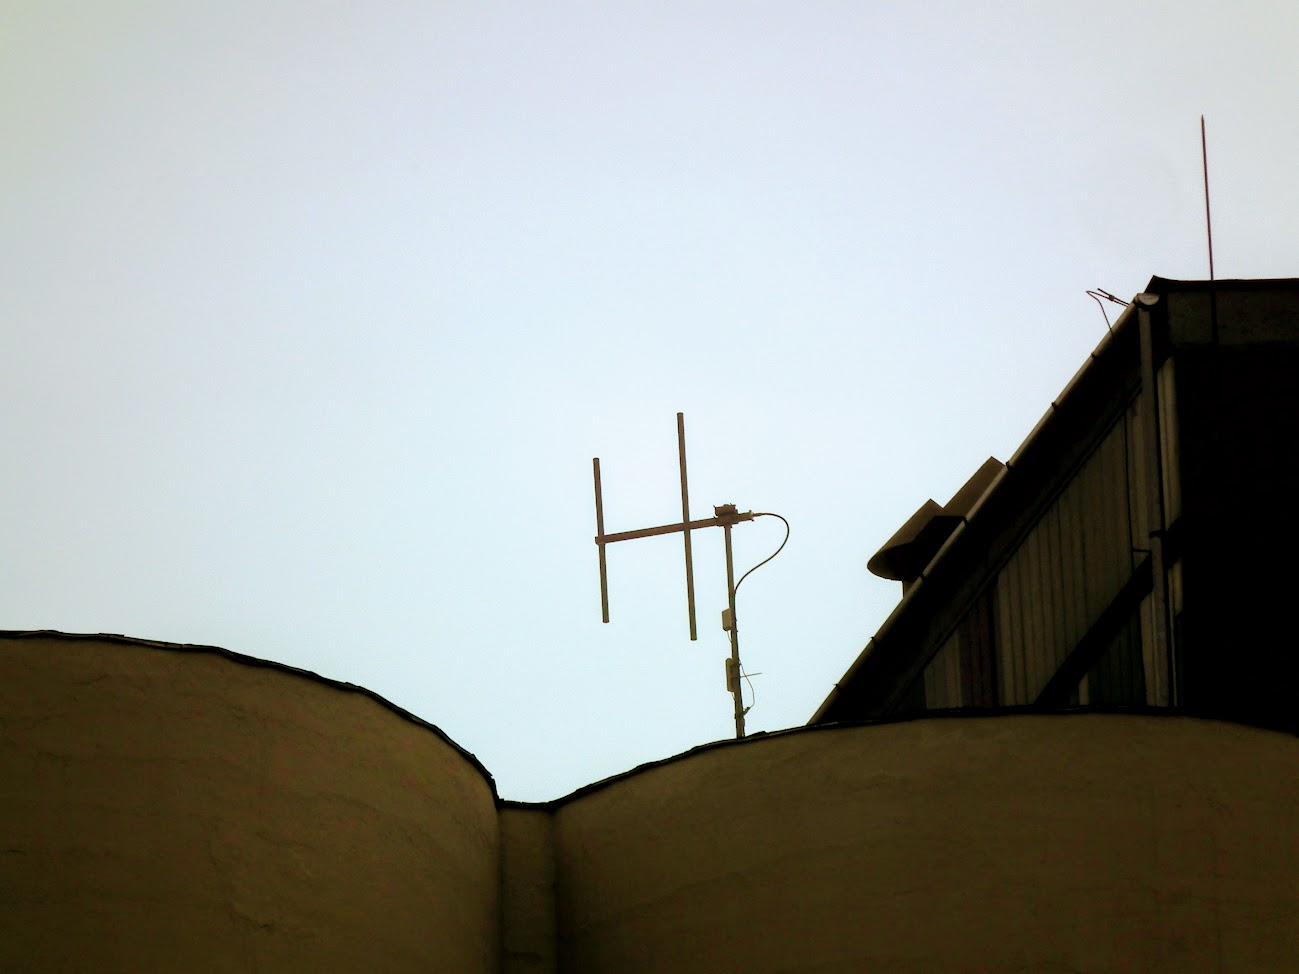 Mezőkovácsháza/gaboatároló - helyi URH-FM adóállomás